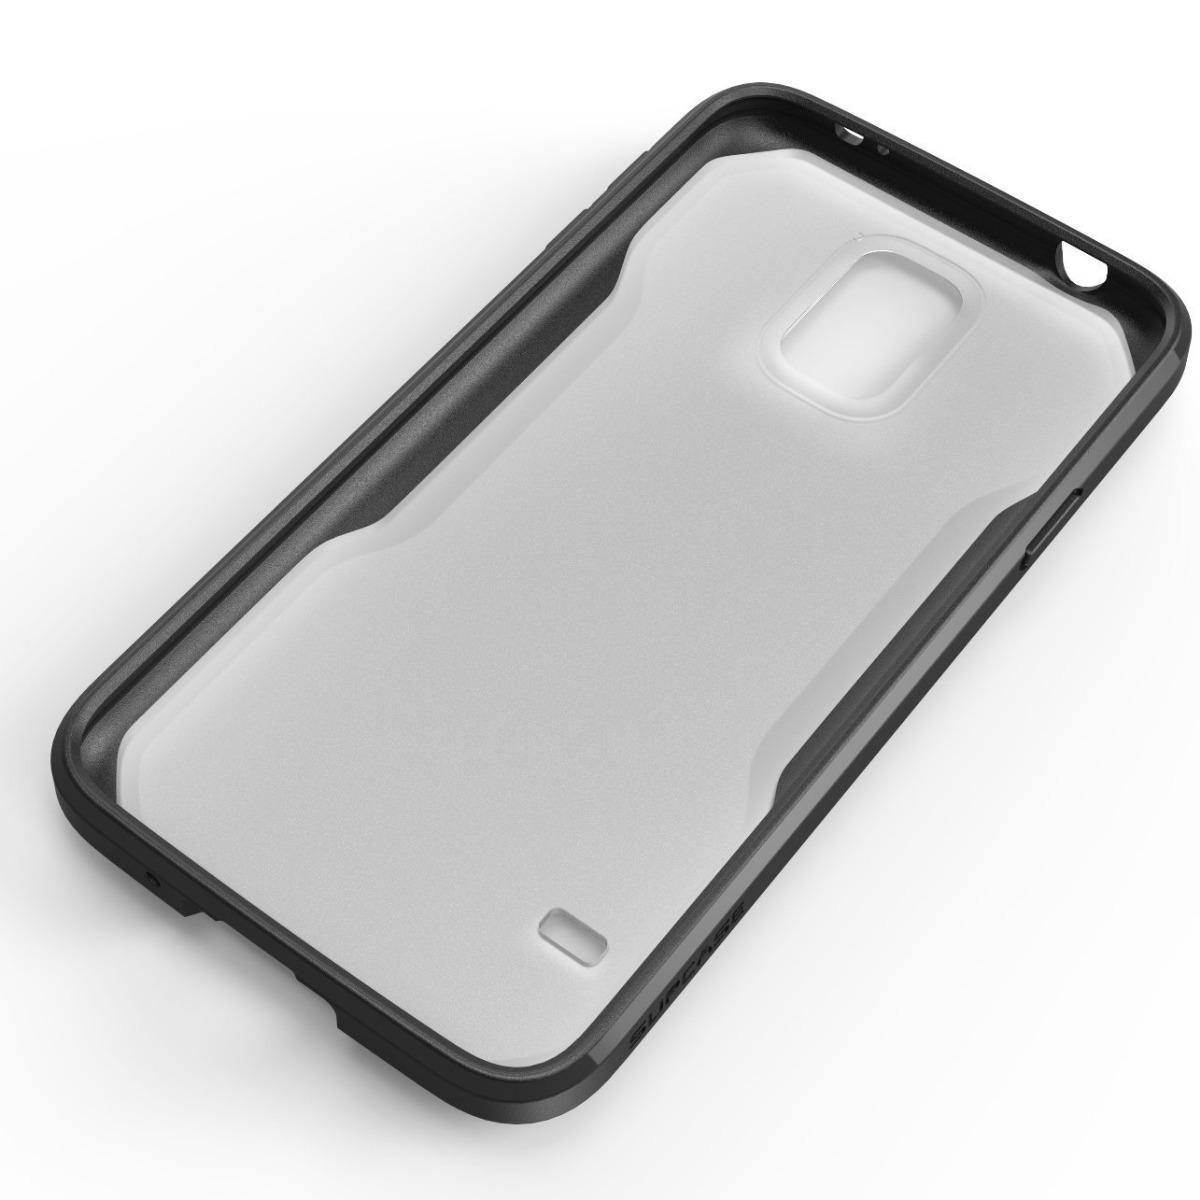 db3cfd873d7 Funda S5 Mini Supcase - $ 200,00 en Mercado Libre